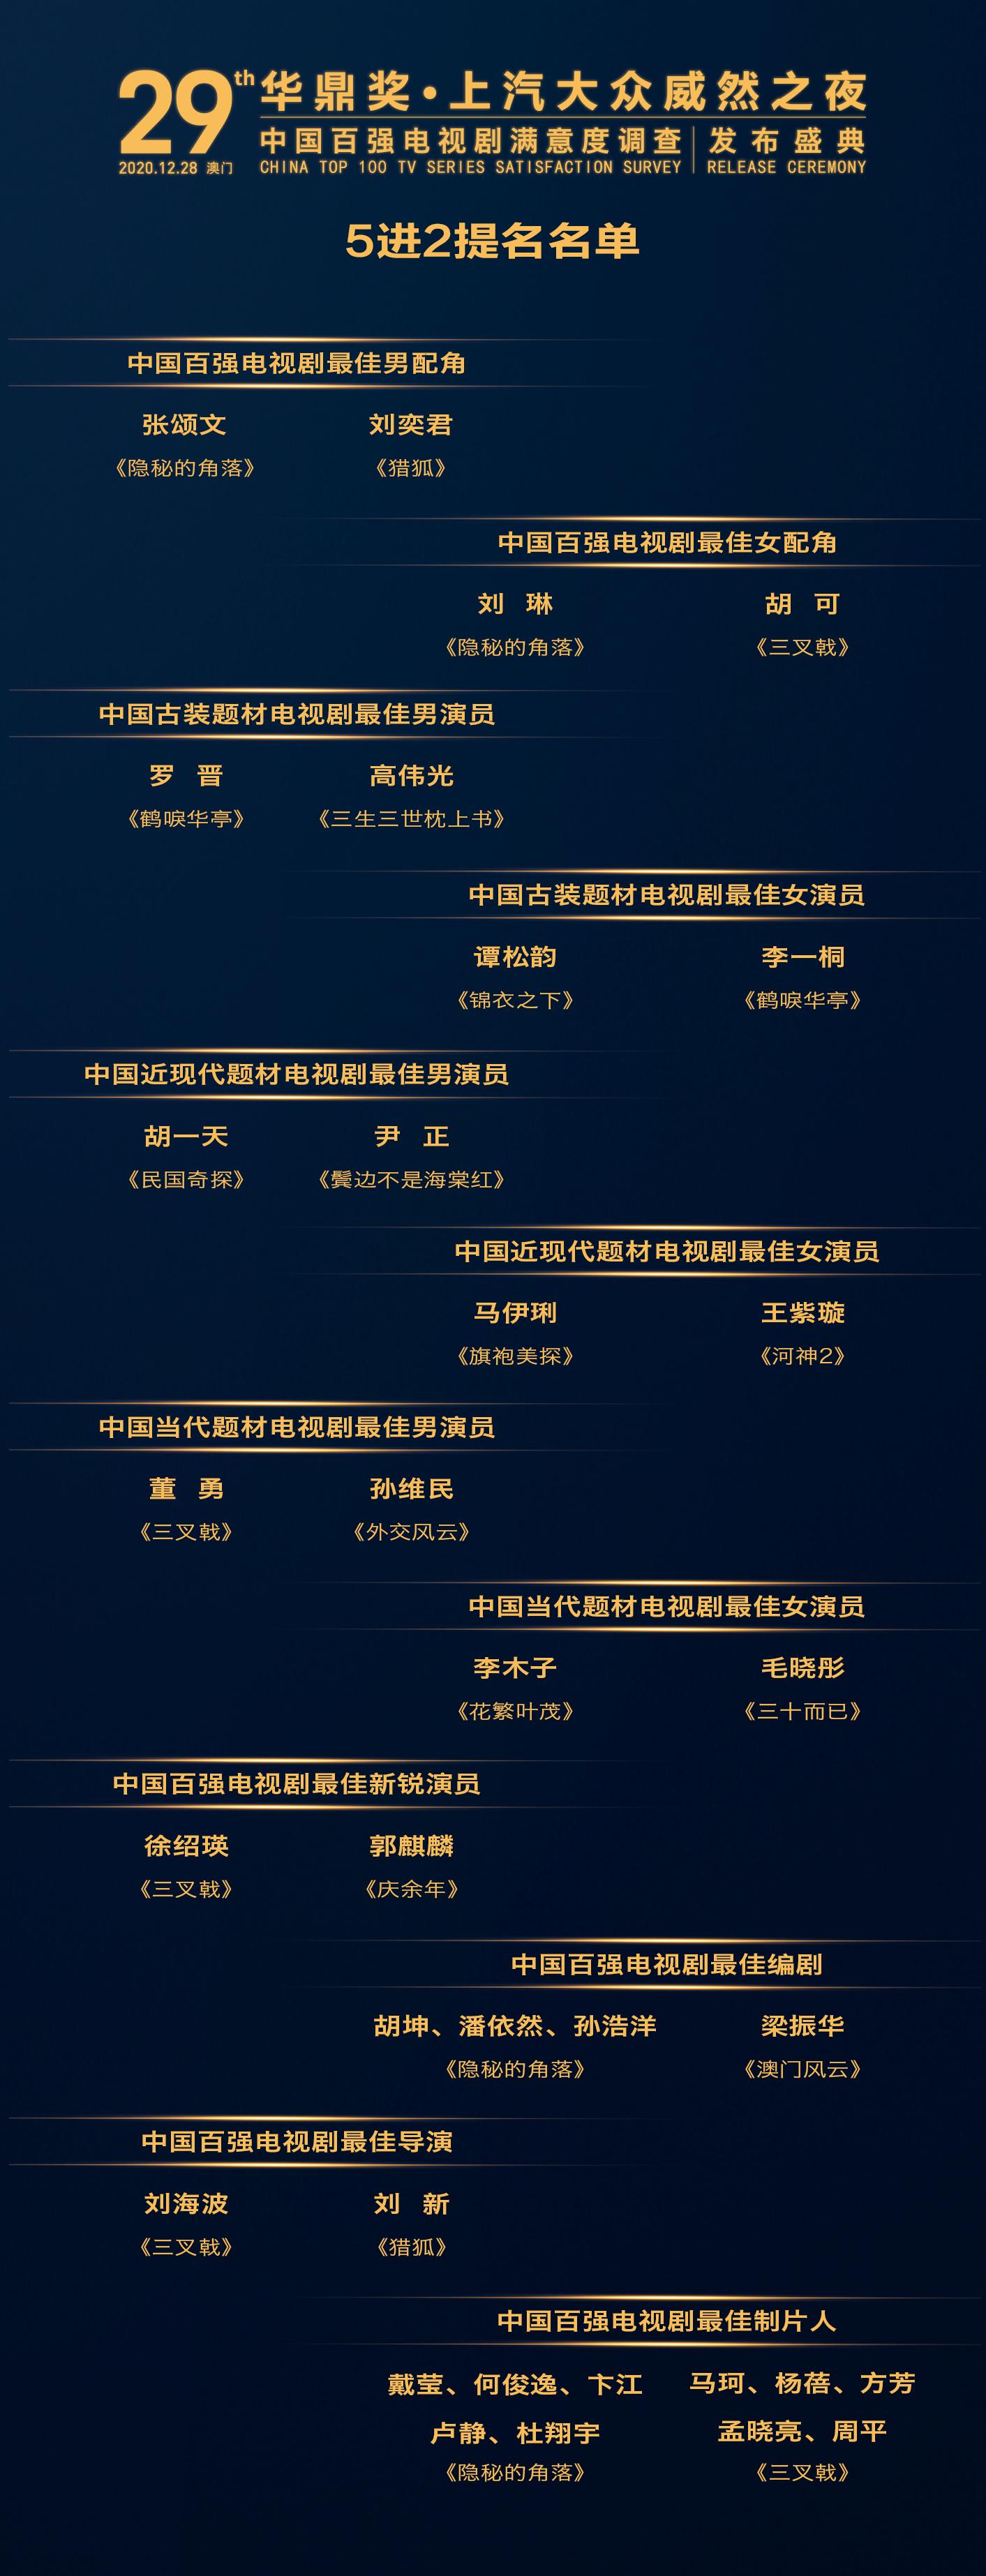 第29届华鼎奖五进二名单出炉,张颂文刘奕君角逐最佳男配角